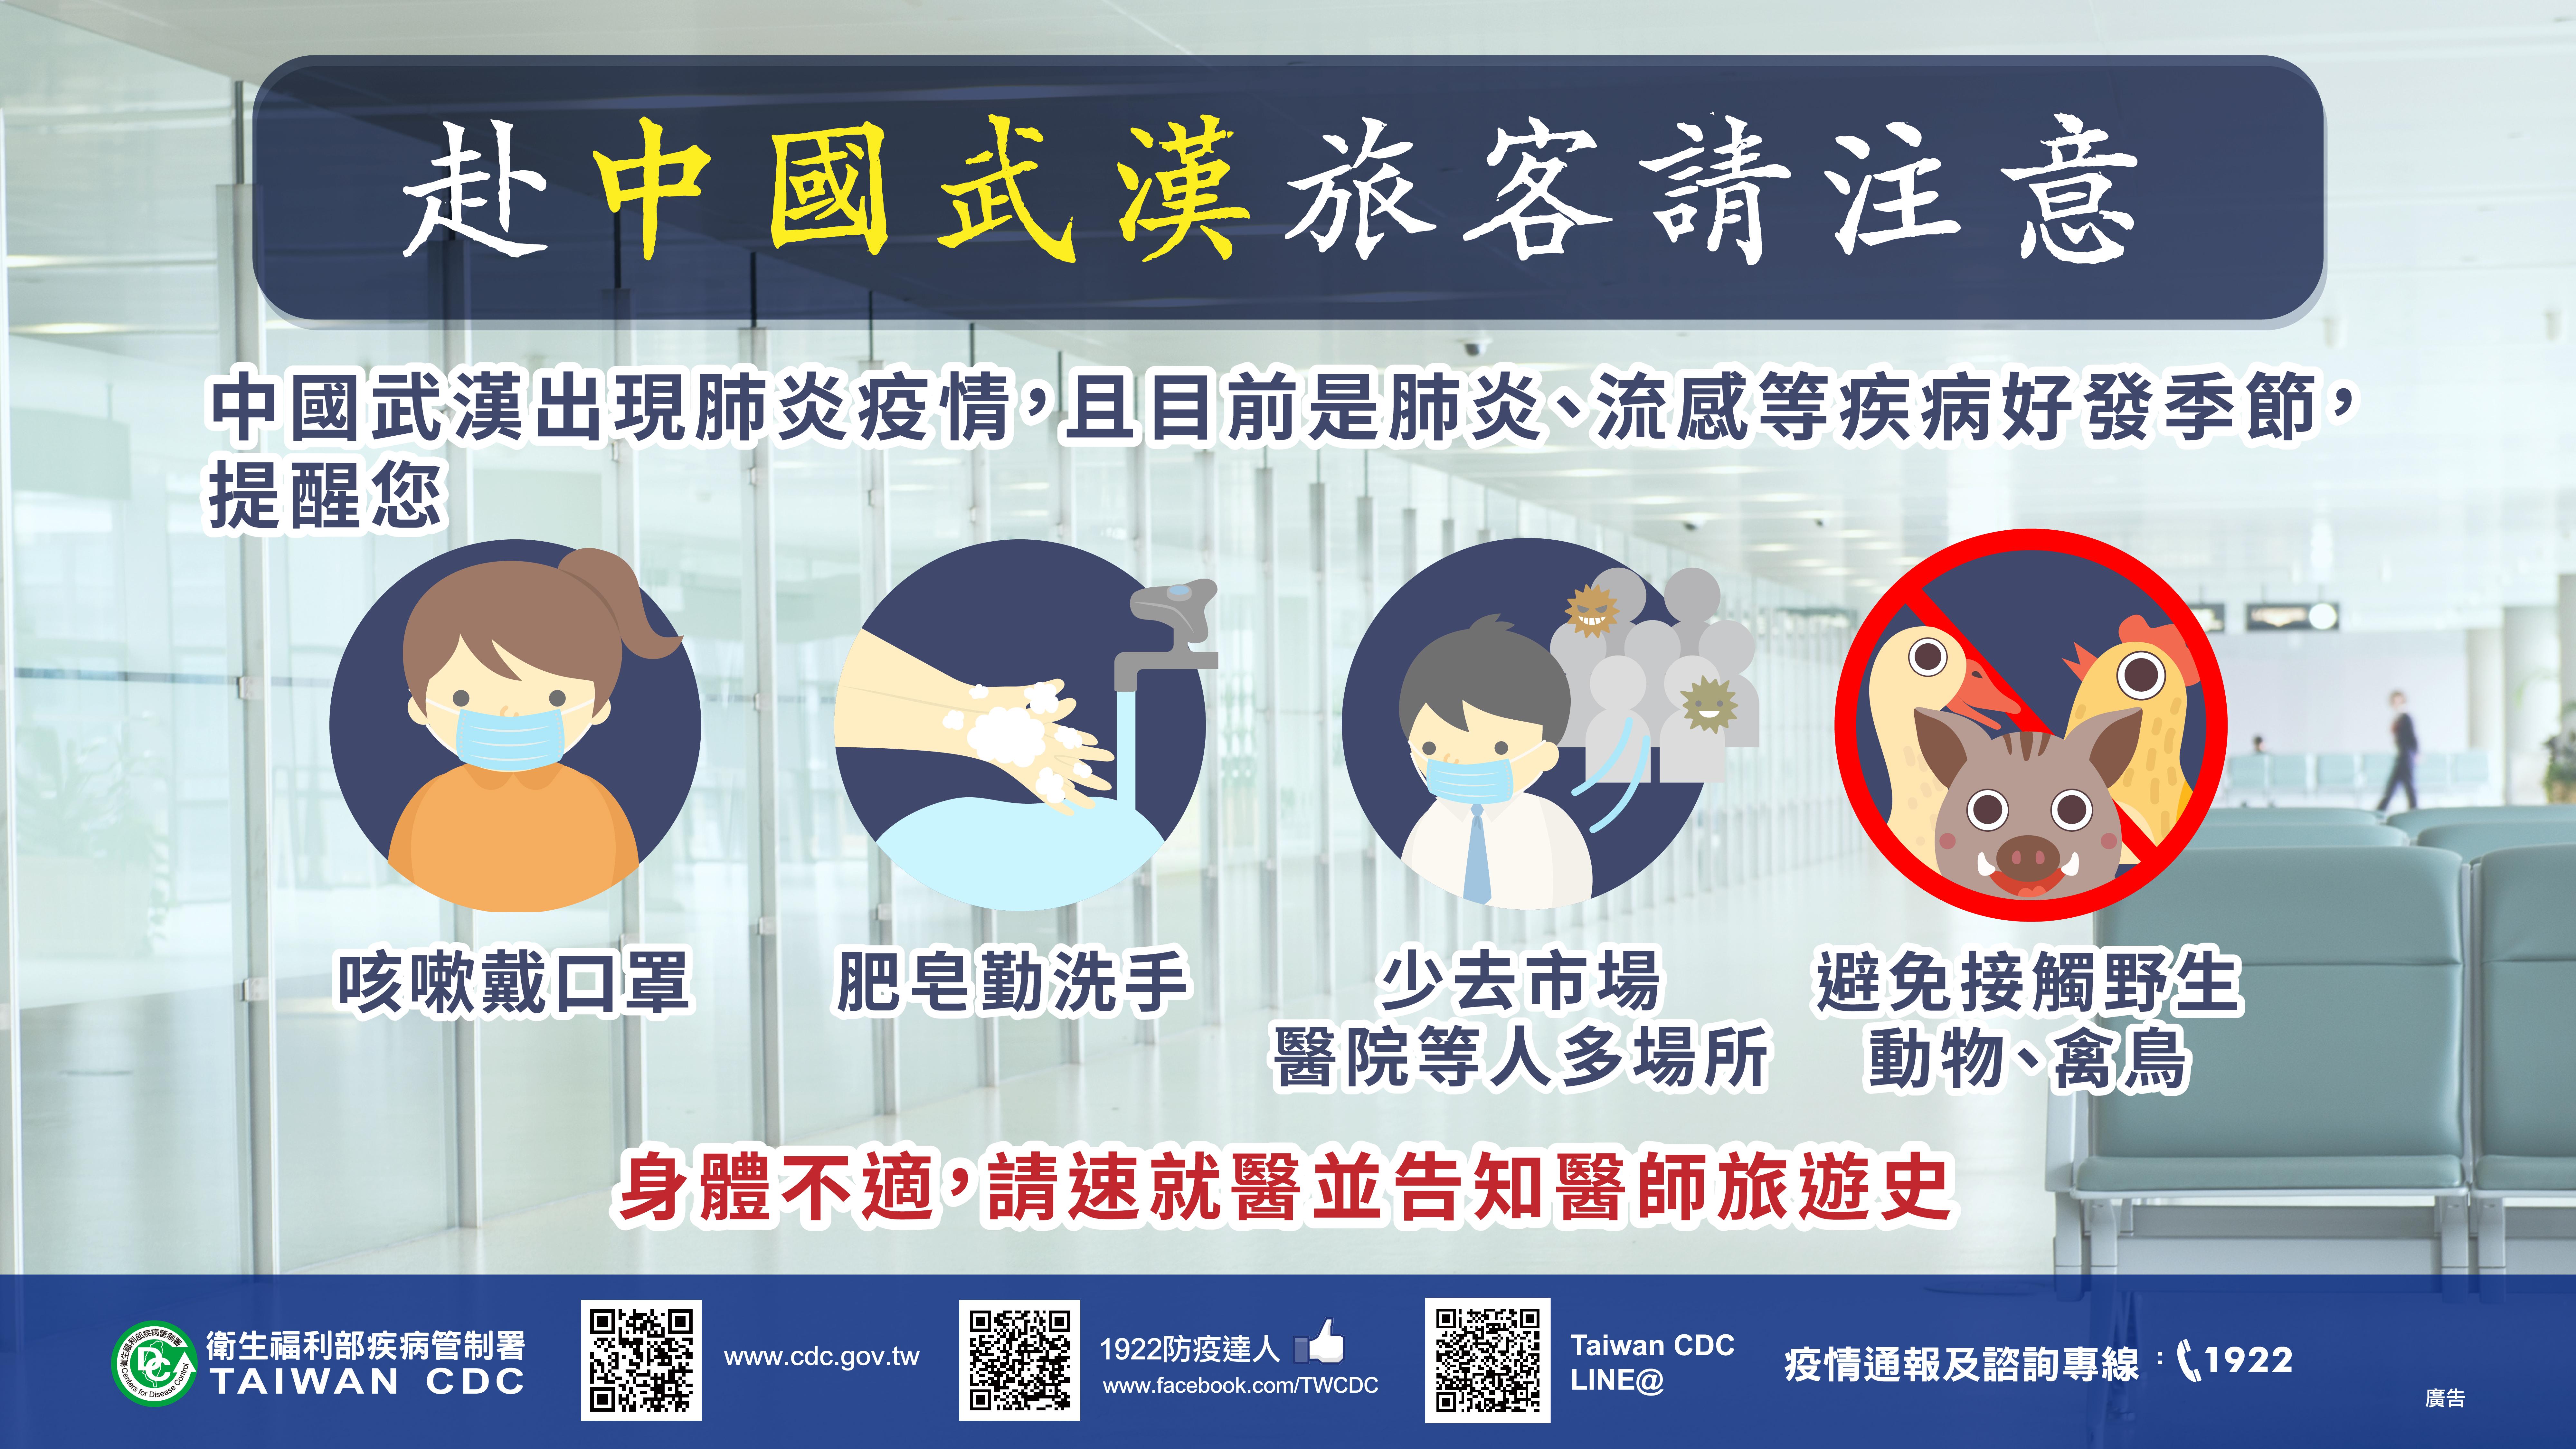 赴中國武漢旅客請注意赴中國武漢旅客請注意